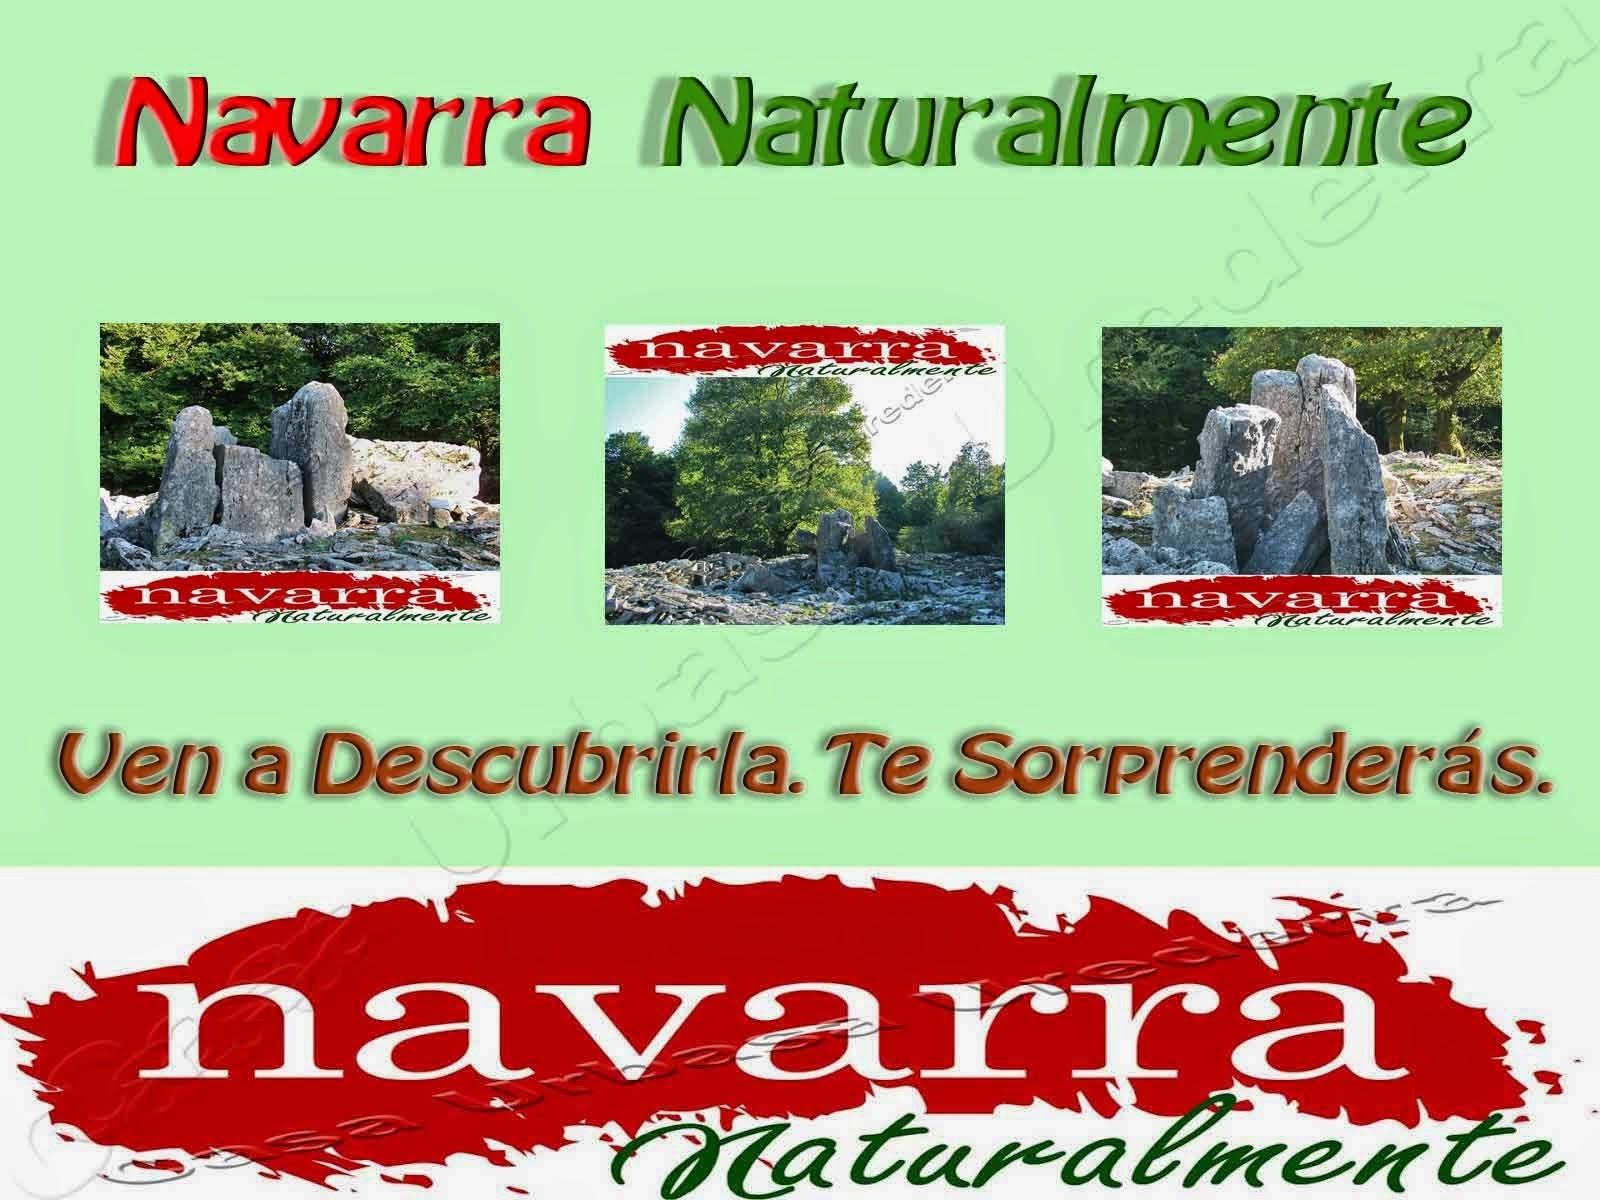 http://casaruralnavarraurbasaurederra.blogspot.com.es/2015/02/44-VI-Congreso-Turismo-Rural-Navarra-2015-Espectativas-Poco-Ambiciosas-.html - En mi opinión, un congreso con prestigio, con un alto presupuesto económico, debería de esforzarse en  programar y ofrecer ponencias, más  orientadas a los profesionales, que traten y analicen los verdaderos problemas del sector, tanto de Navarra como de España y que sean útiles para las demandas y necesidades del gran  colectivo existente en España.  Solamente de esta manera, se puede conseguir atraer al mayor número de congresistas  profesionales,  y a los innovadores, que son los que pueden aportar cosas nuevas, tan necesitadas en el sector con toda su problemática intrínseca y extrínseca.  Con la programación de la edición de este año del Congreso Turismo Rural de Navarra 2015,  sabemos que no es un programa muy atractivo y por ello, no tiene mucho interés, razón por la cual tenemos conocimiento  que algunos profesionales no van a venir a Pamplona.  Tengo la convención de que, conociendo a los organizadores, el congreso está más enfocado   al lucimiento  de ciertas personas e instituciones, que  a analizar profundamente los problemas reales y futuros, así como de  debatir posibles soluciones del Turismo Rural.